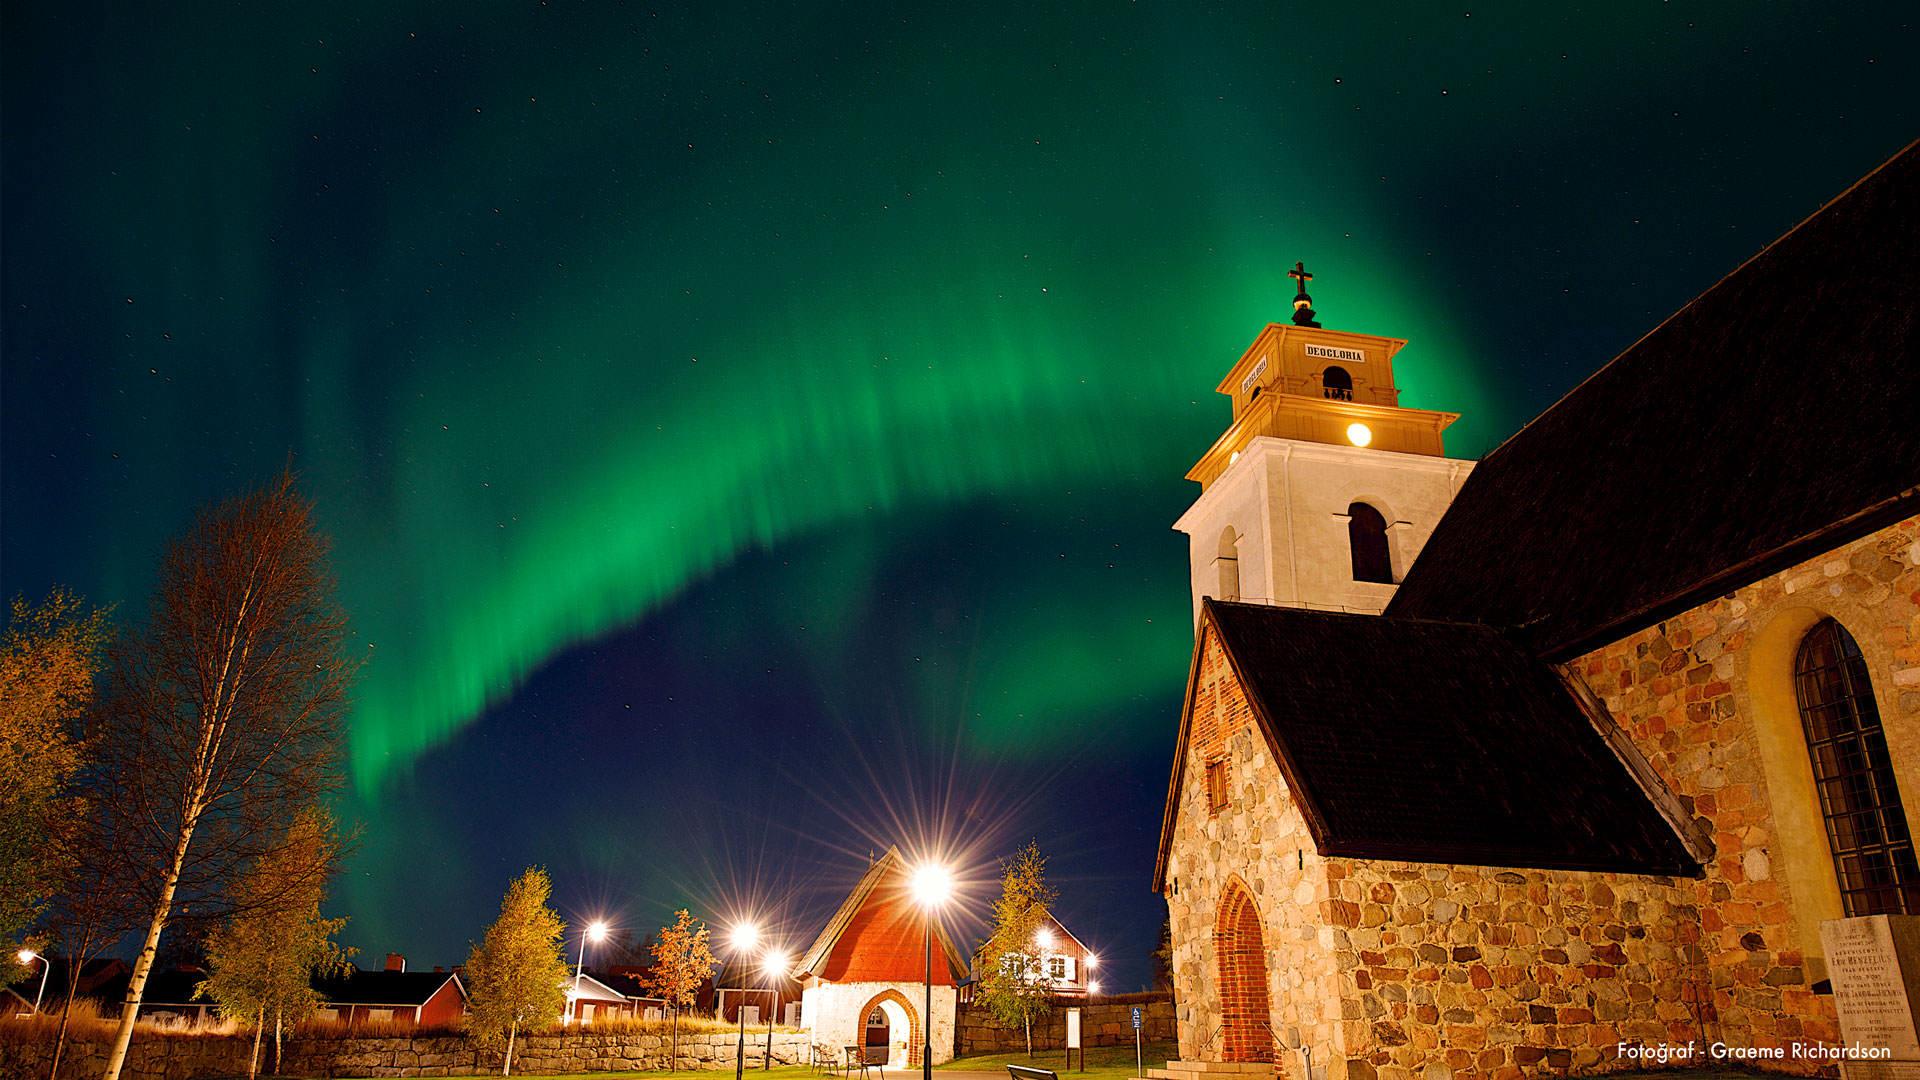 Kuzeyden Bir Kuzey Işıkları Macerası